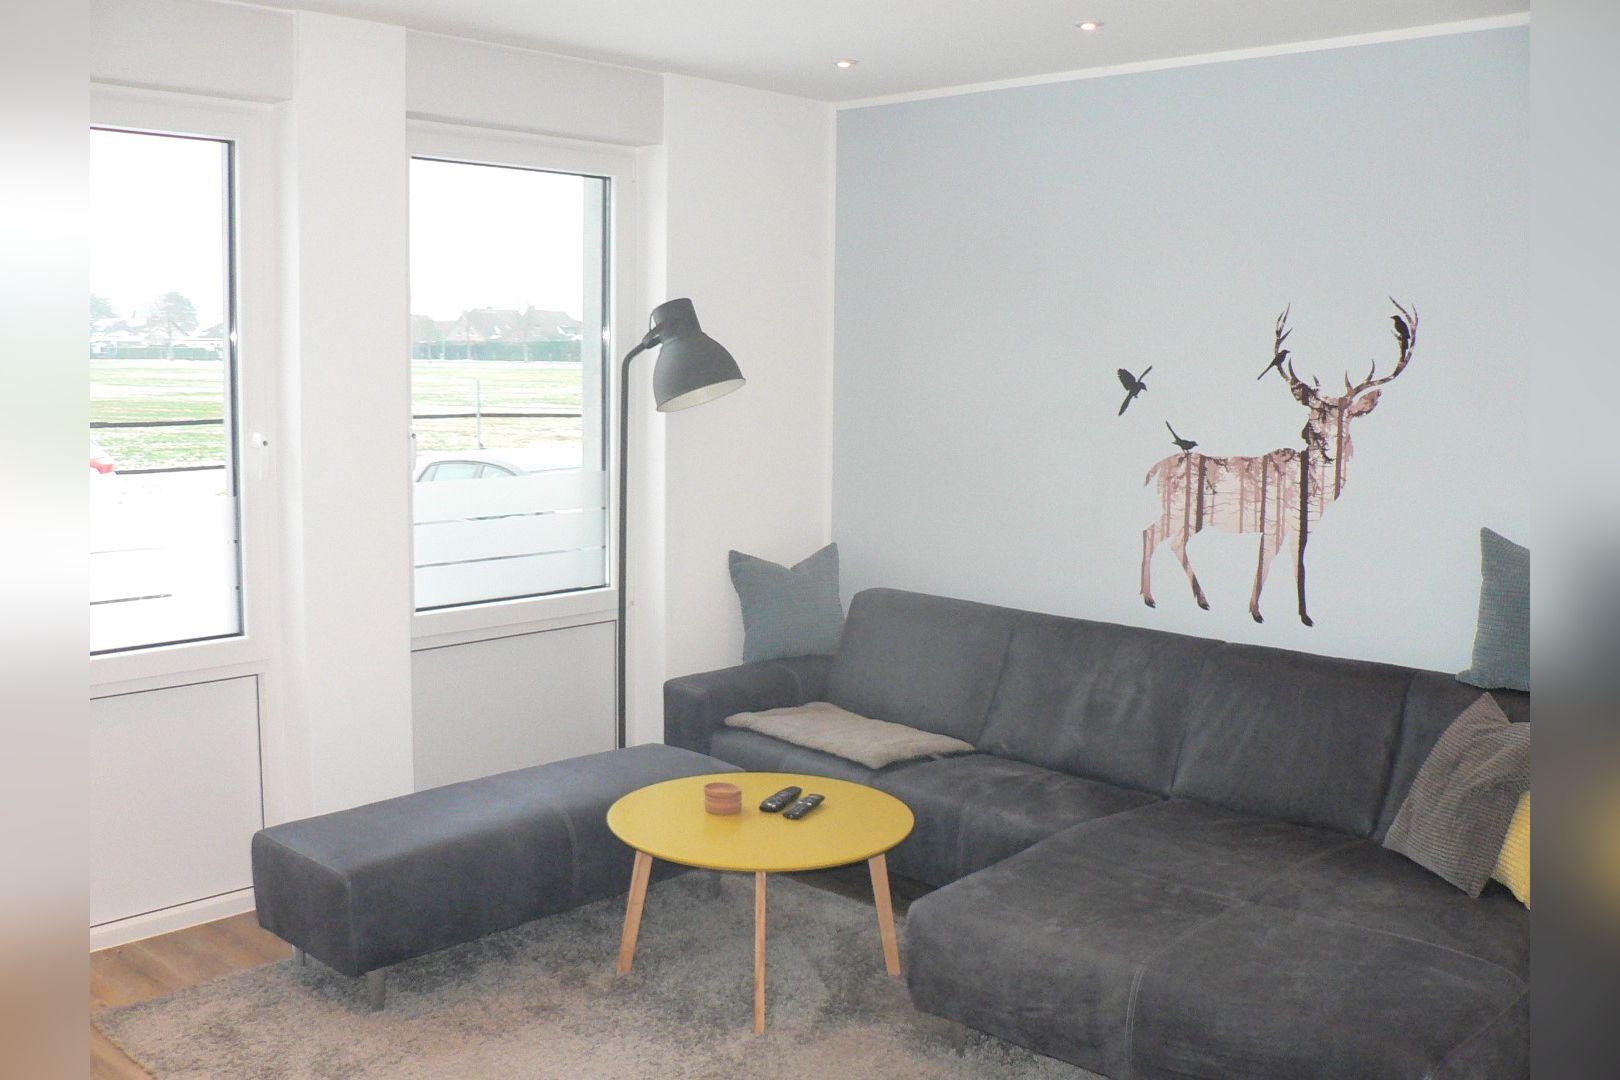 Immobilie Nr.0248 - Doppelhaushälfte mit eingeschossigem Anbau, Garten & Dachterrasse - Bild 4.jpg